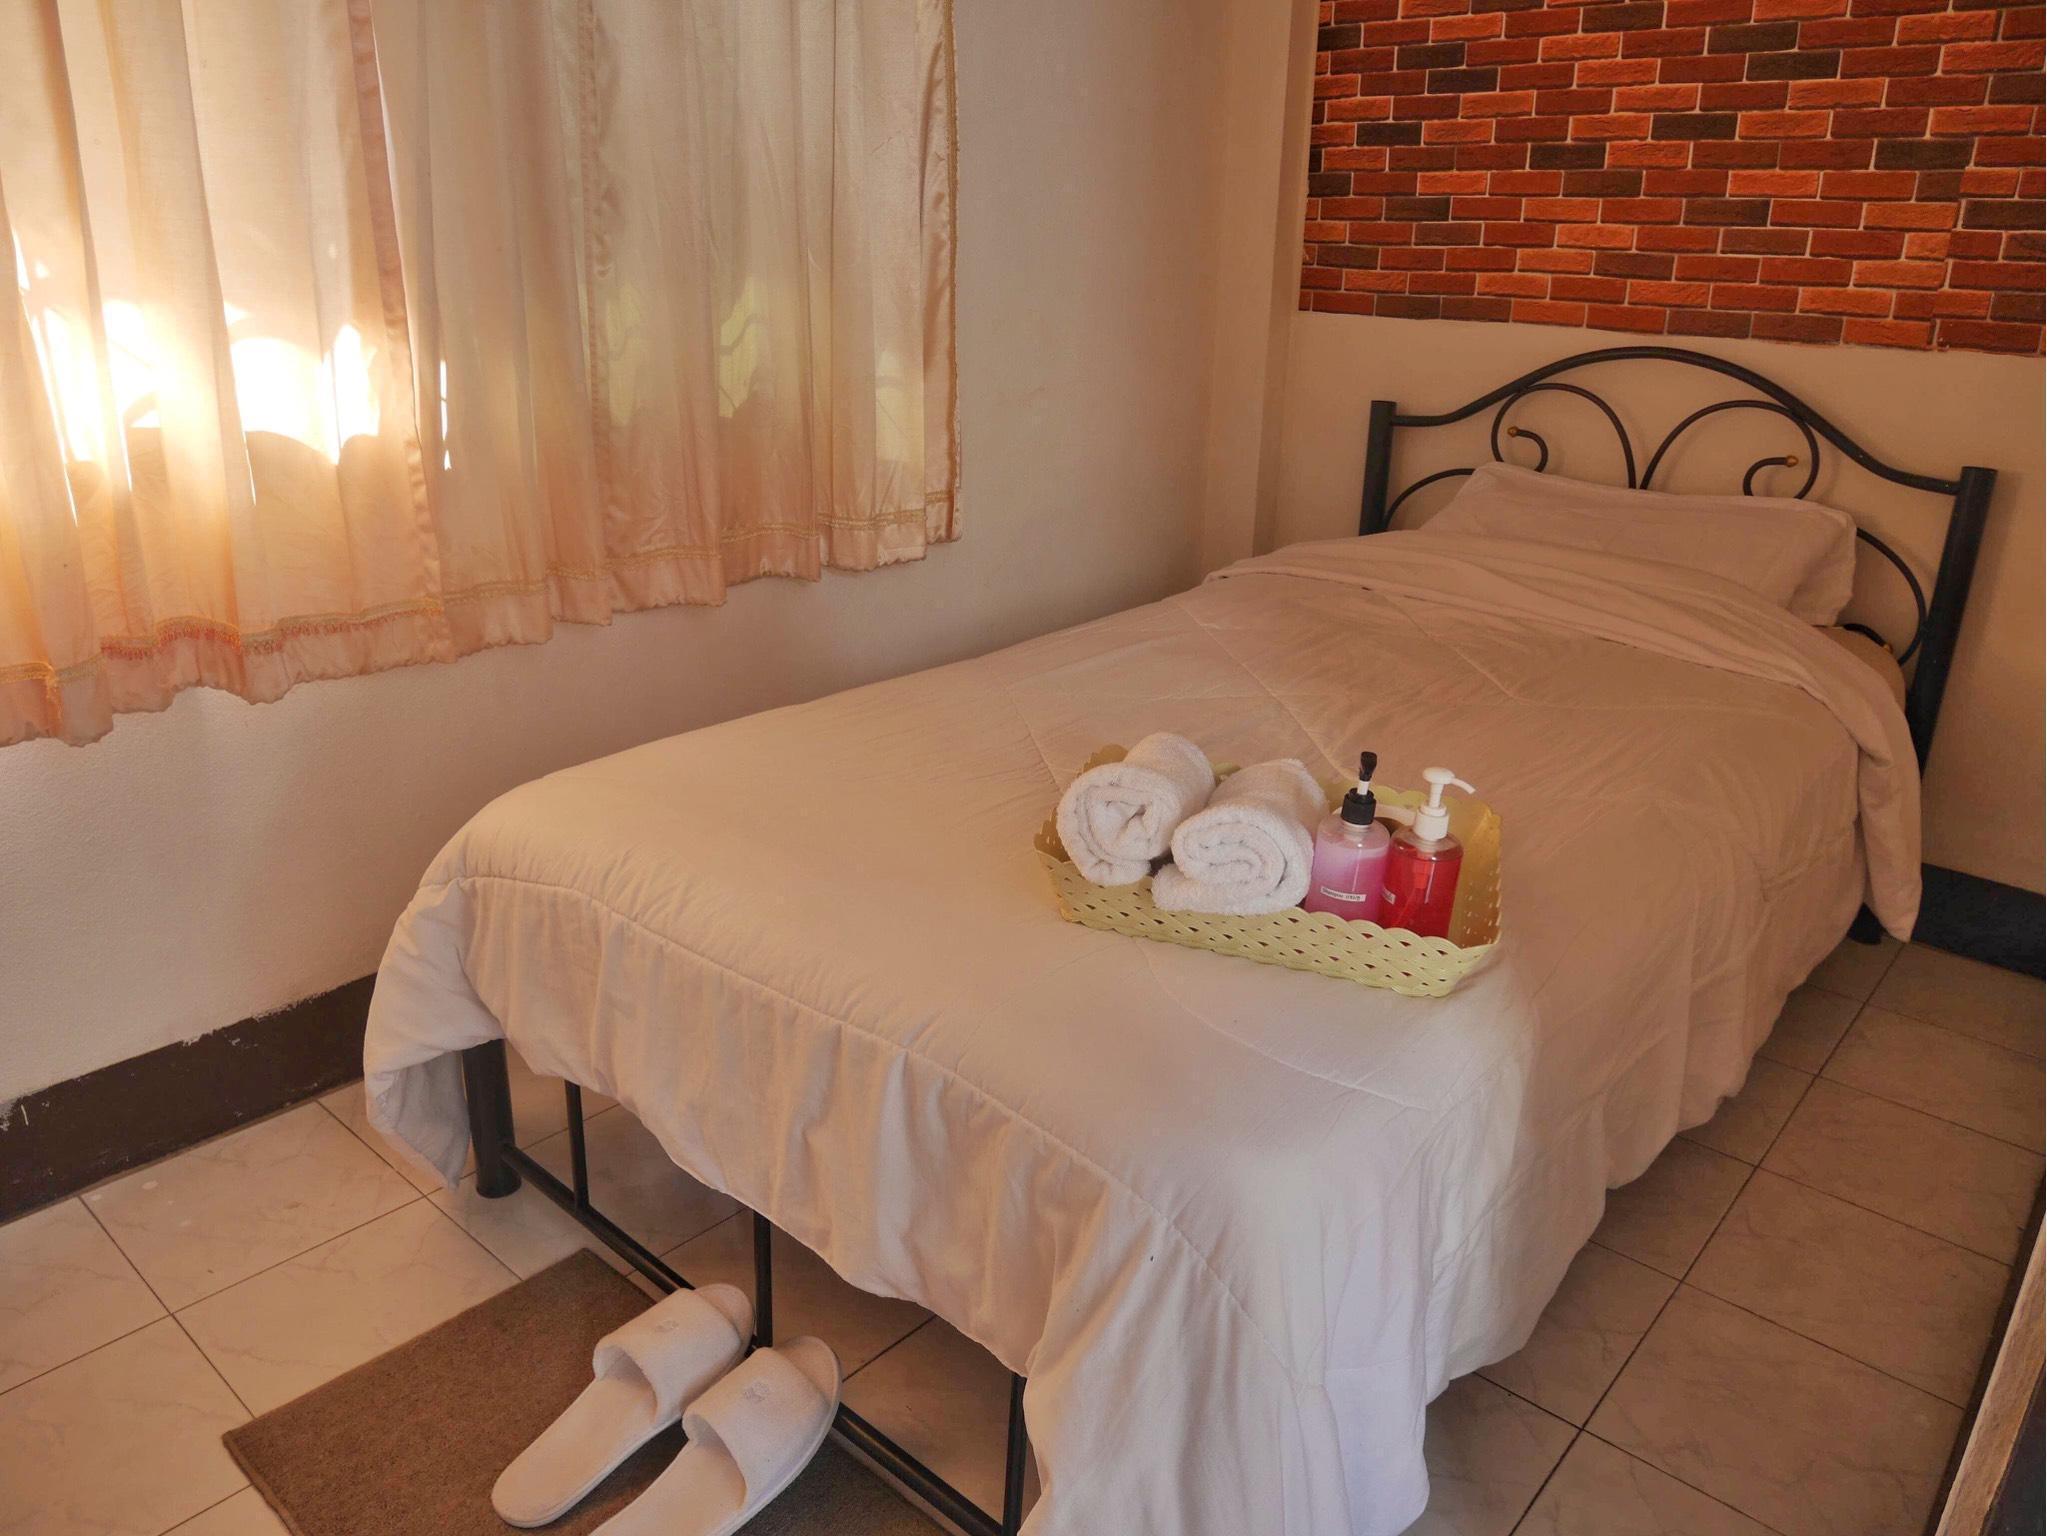 2.2 Rohan Guest House Shared bathroom อพาร์ตเมนต์ 1 ห้องนอน 0 ห้องน้ำส่วนตัว ขนาด 25 ตร.ม. – ช้างคลาน